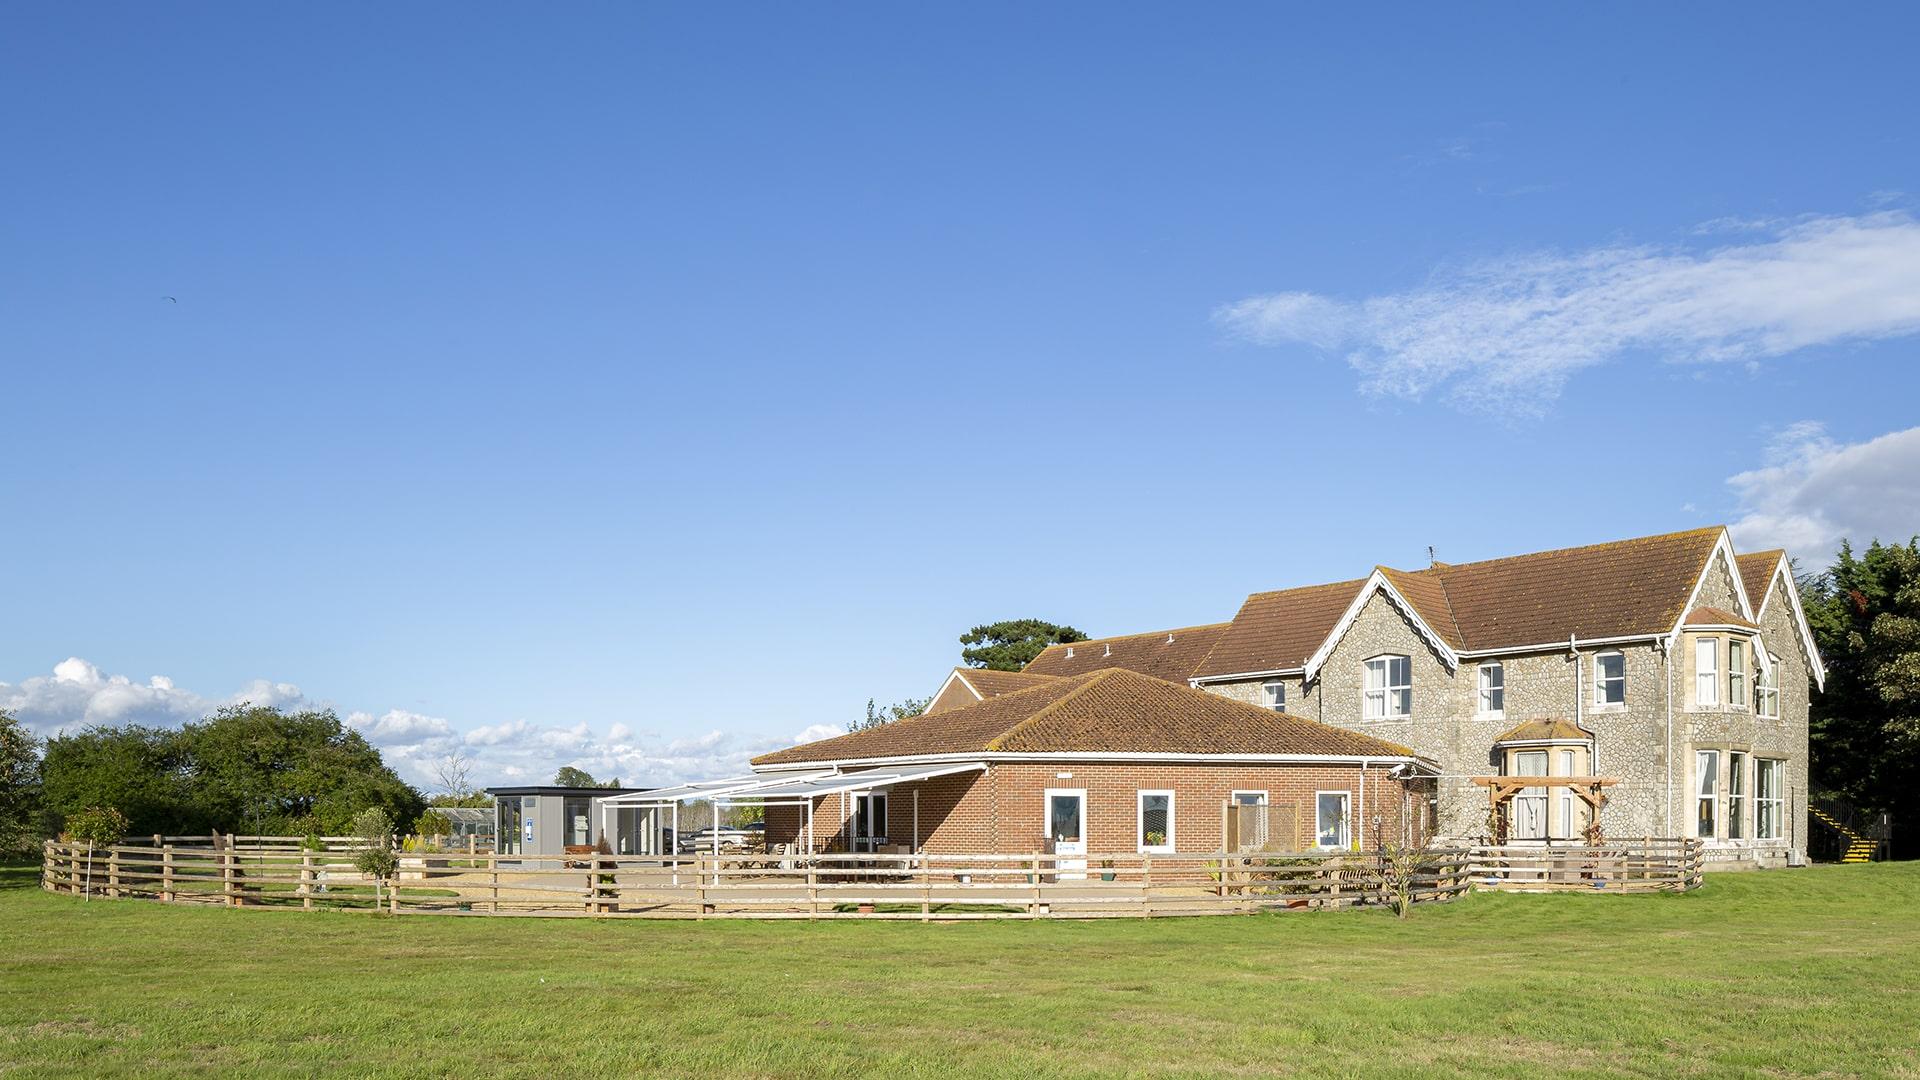 Stambridge Meadows Care Home garden area